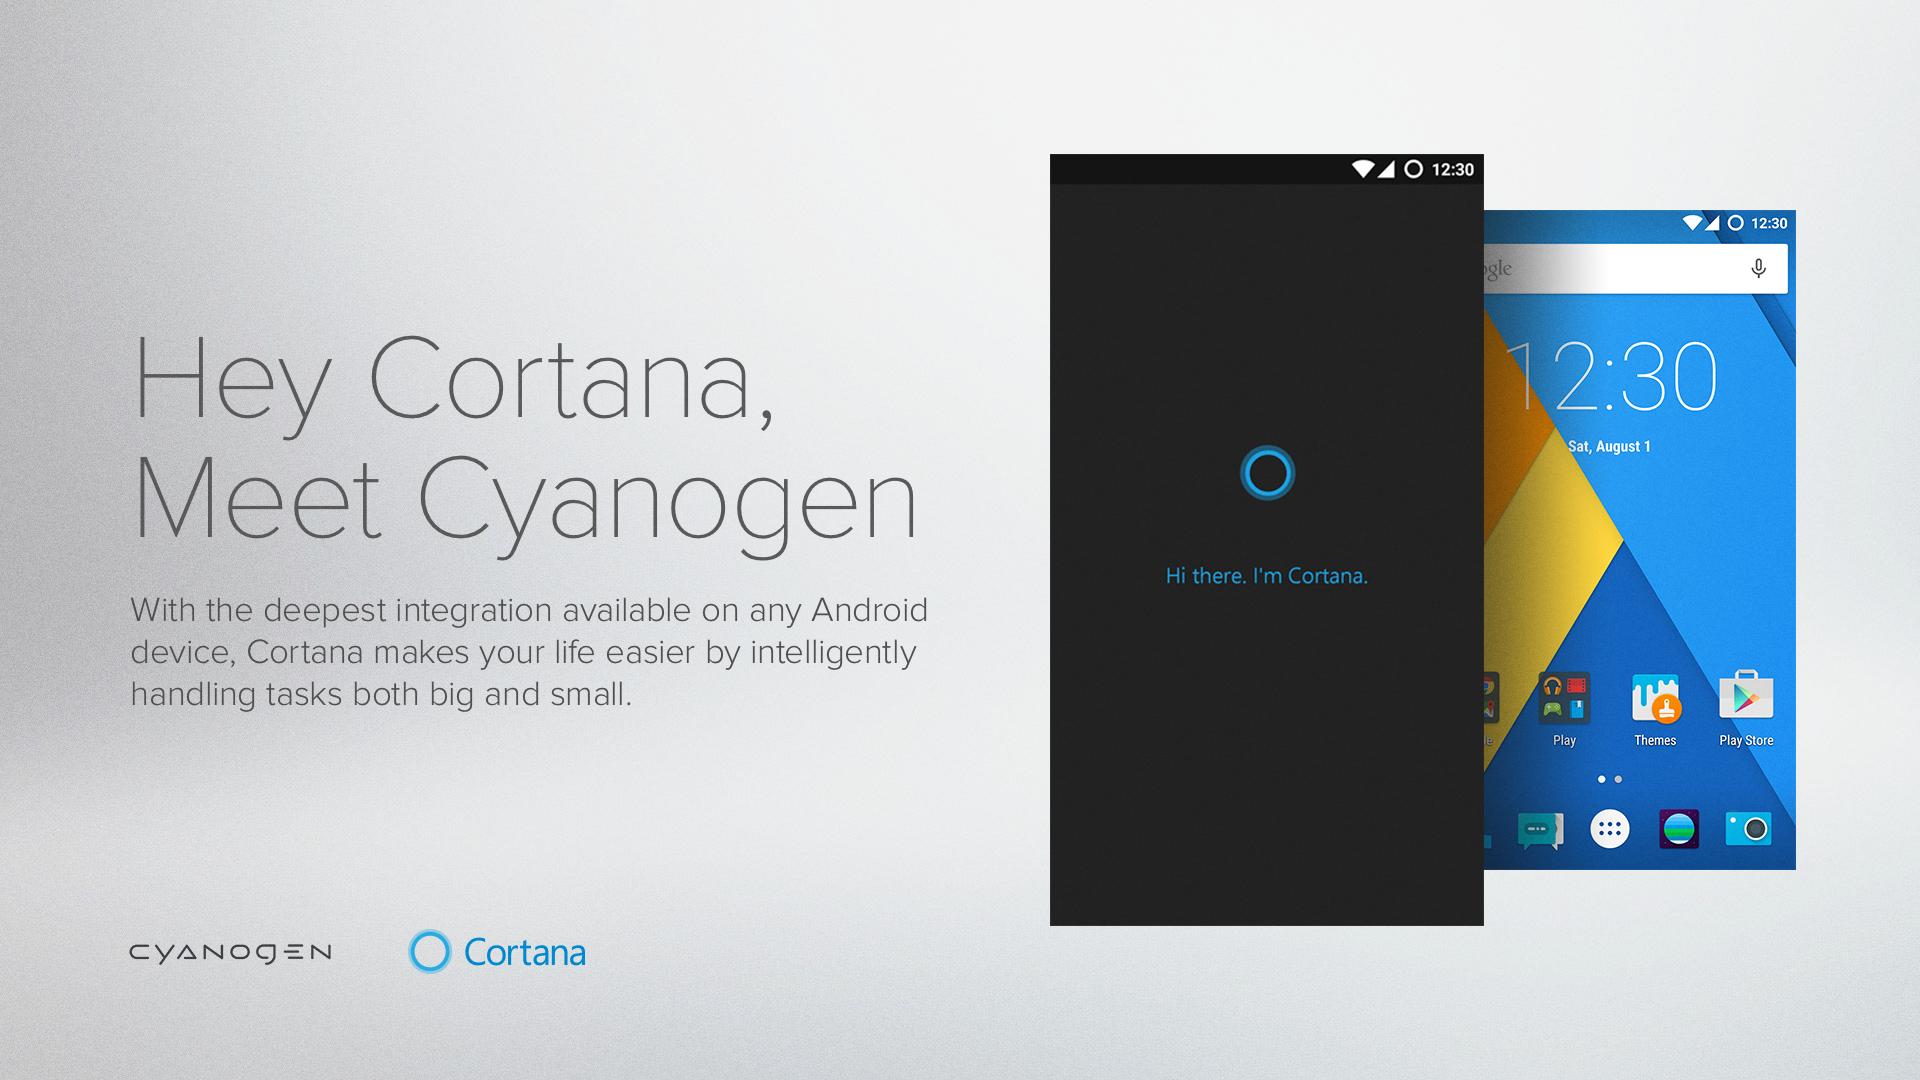 Cortana-cyanogen